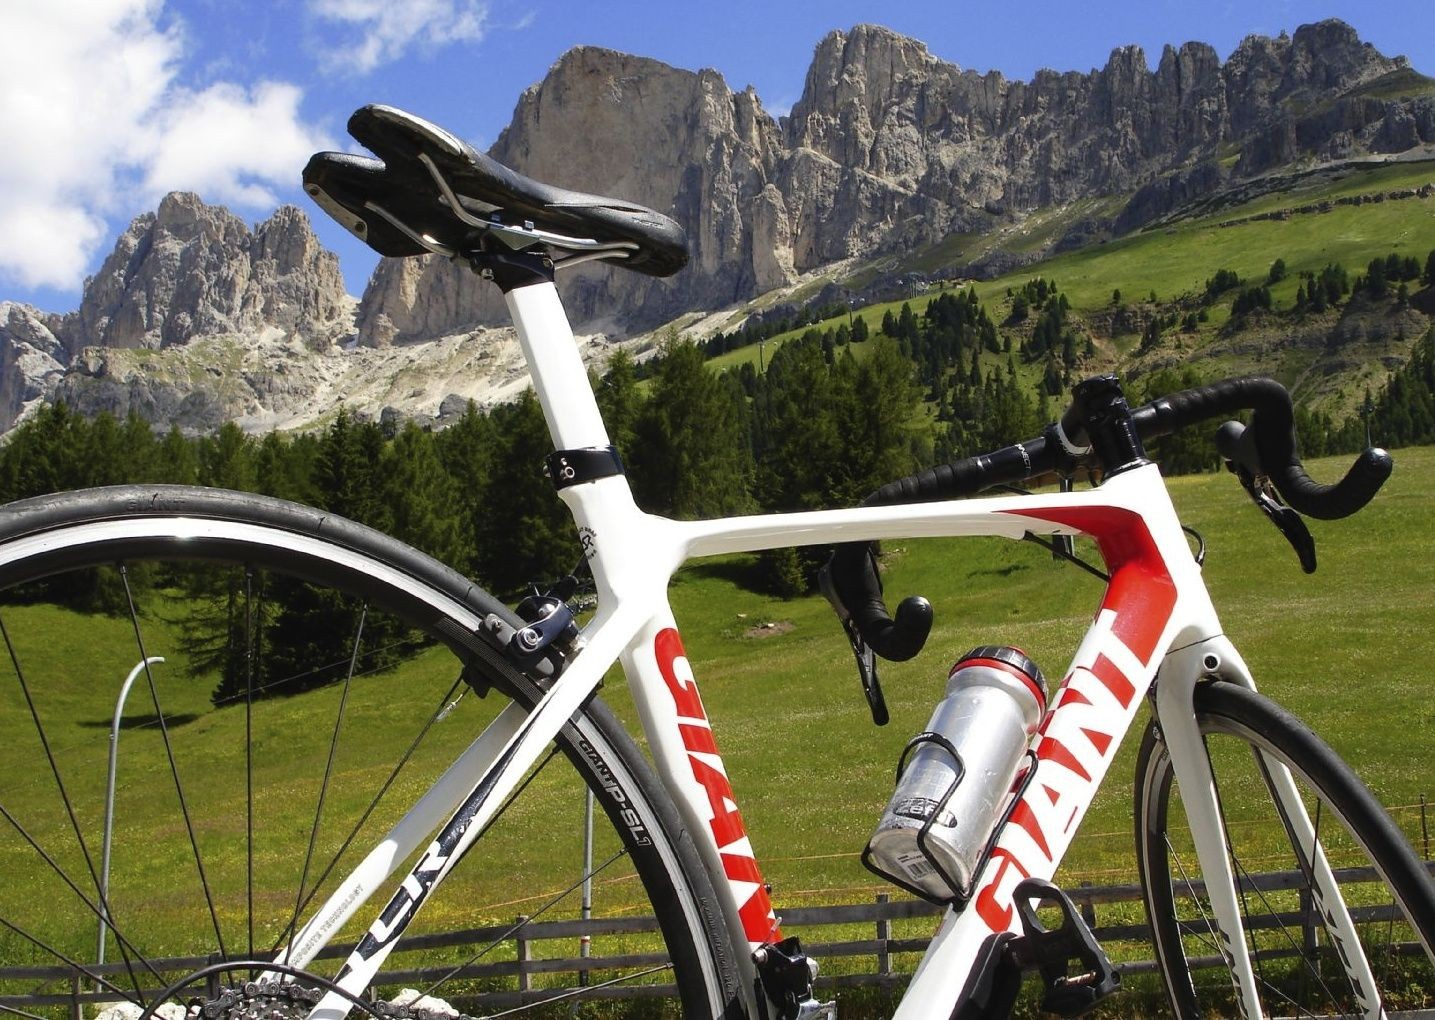 italiandolomites8.jpg - Italy - Italian Dolomites - Guided Road Cycling Holiday - Road Cycling